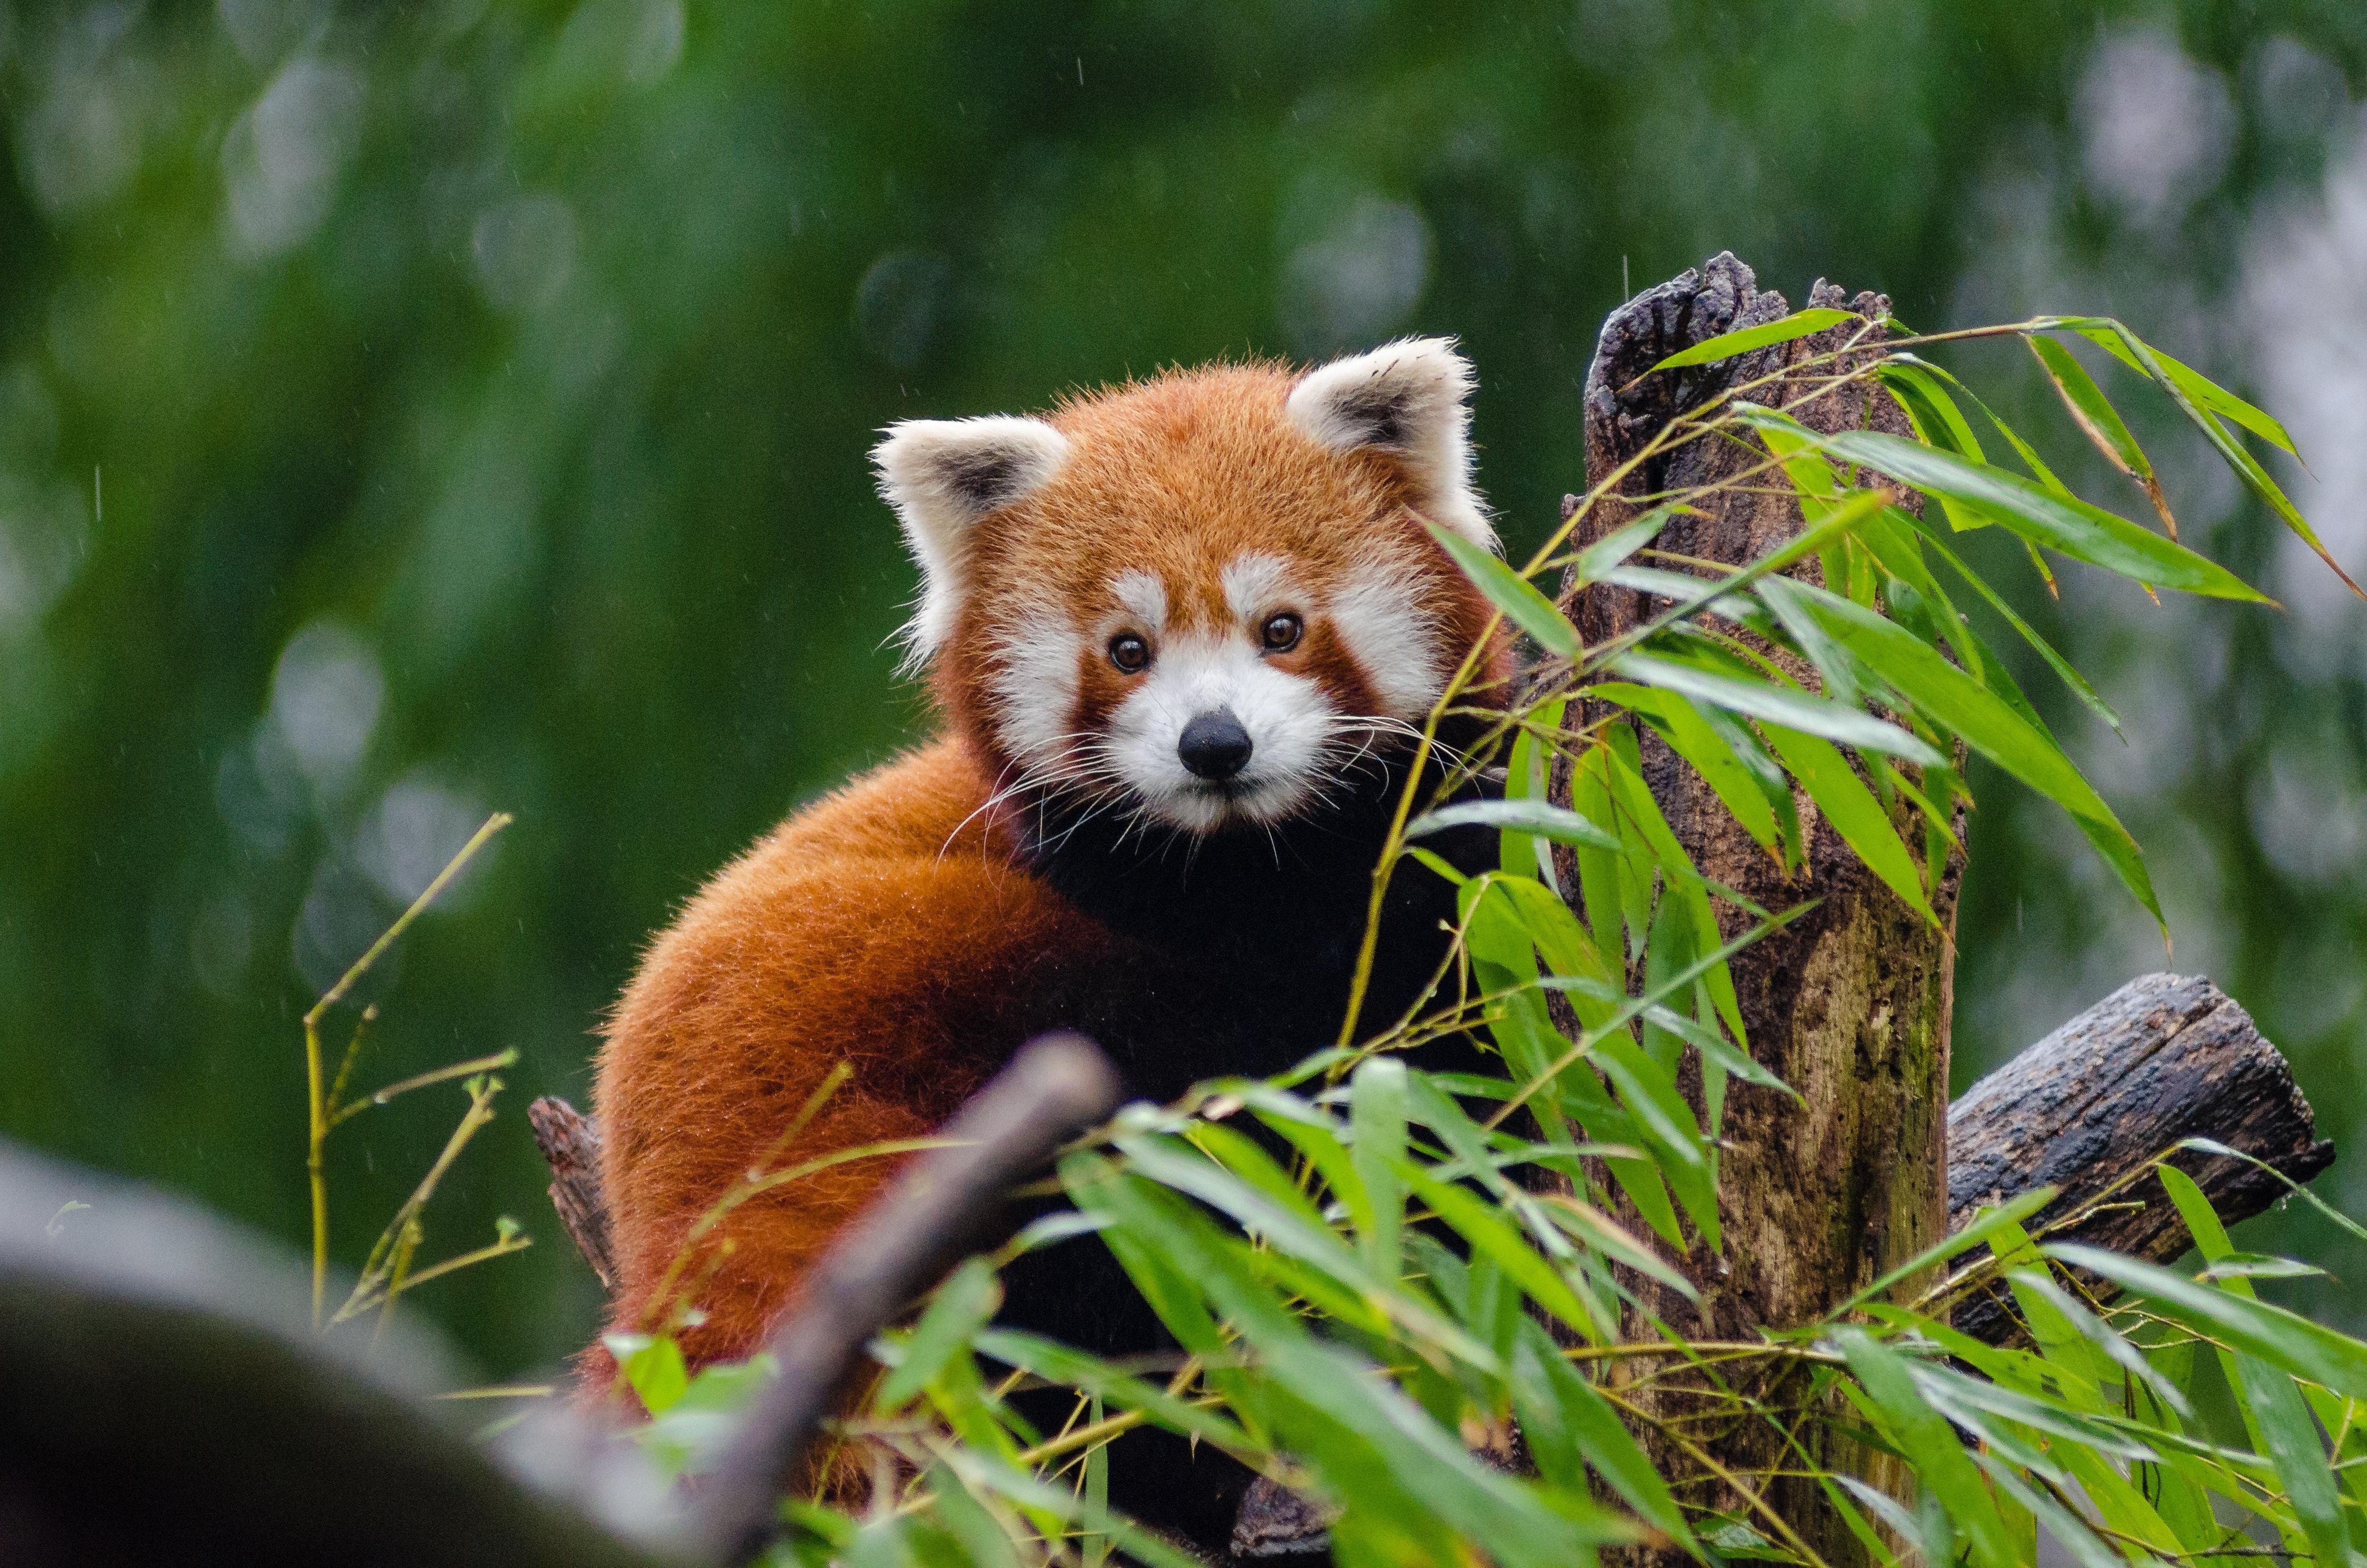 Red Panda Perching On Tree During Daytime 183 Free Stock Photo